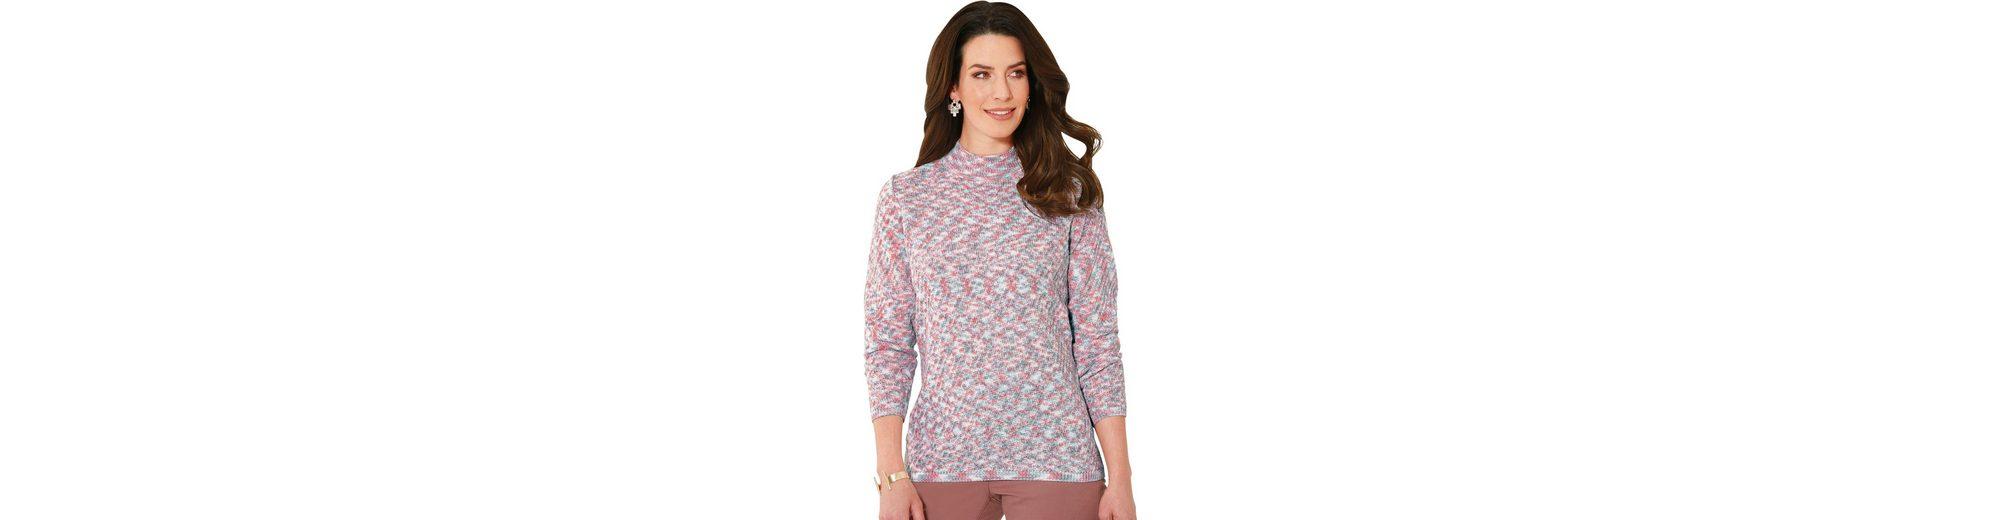 Classic Basics Pullover aus effektvollem Melangegarn Billig Verkaufen Hochwertige Outlet-Store Finden Große Zum Verkauf Billige Sast doXzN